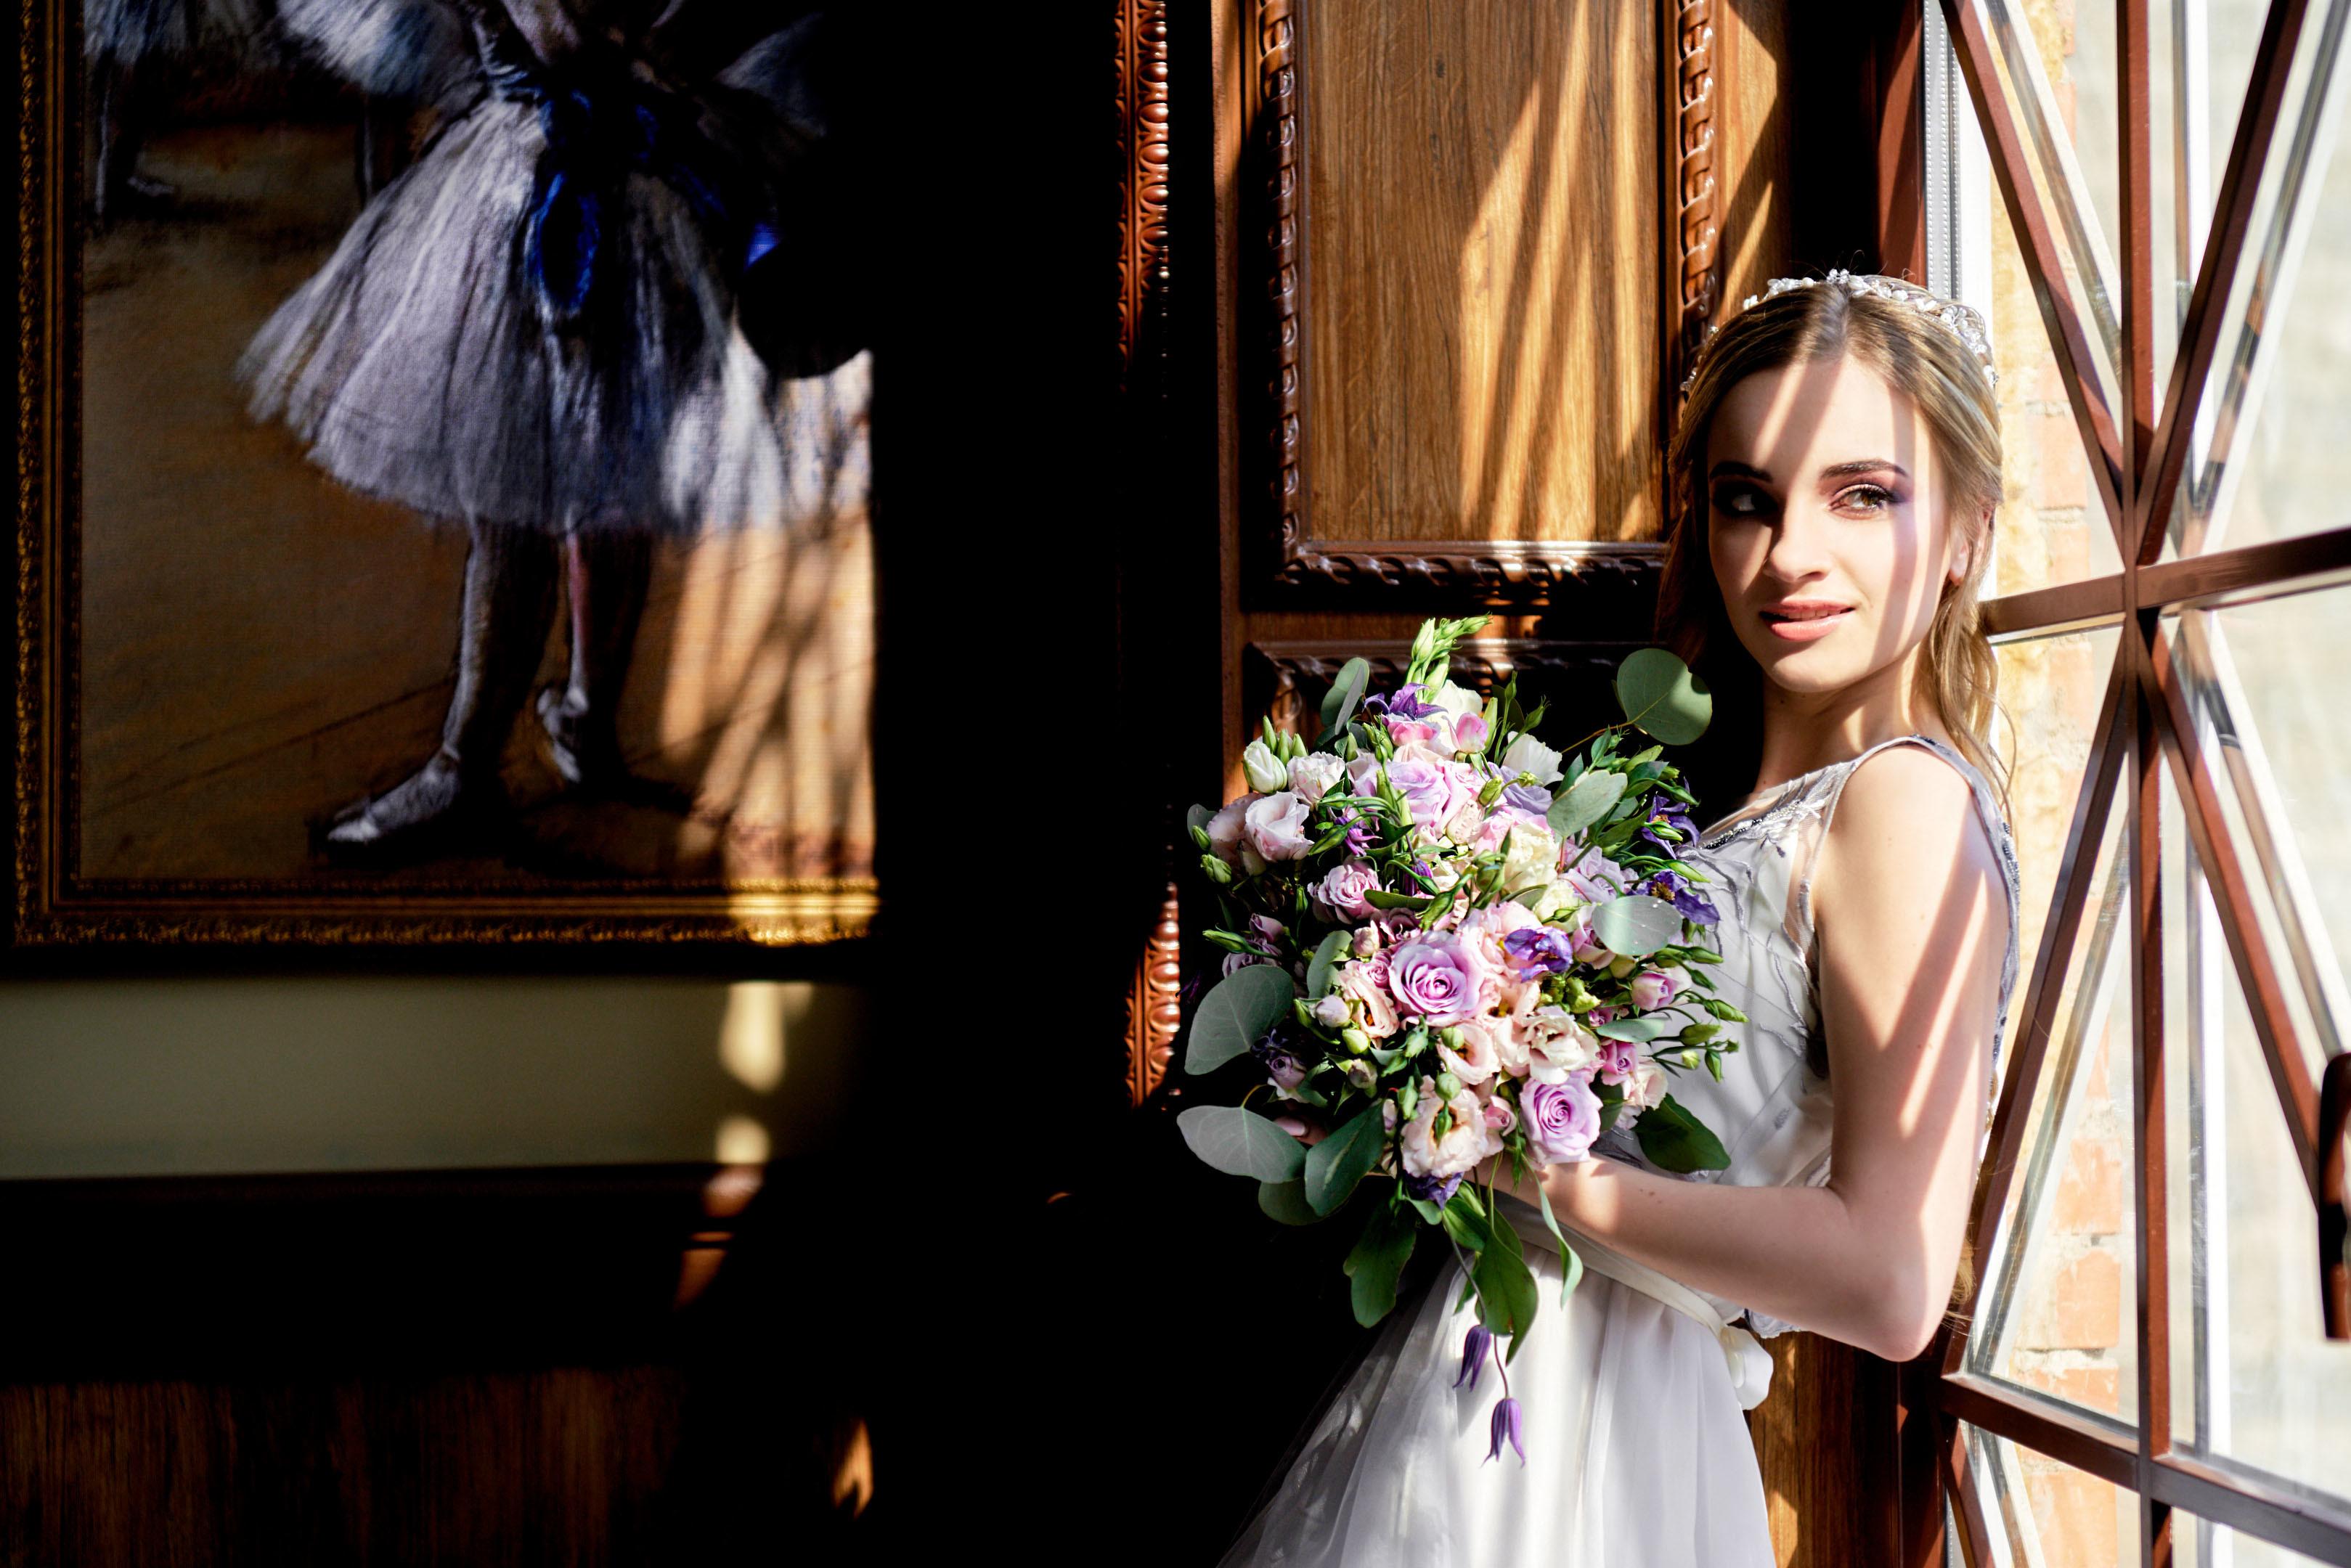 Свадебная фотосессия в фотостудии, букет невесты, свадебный фотограф спб